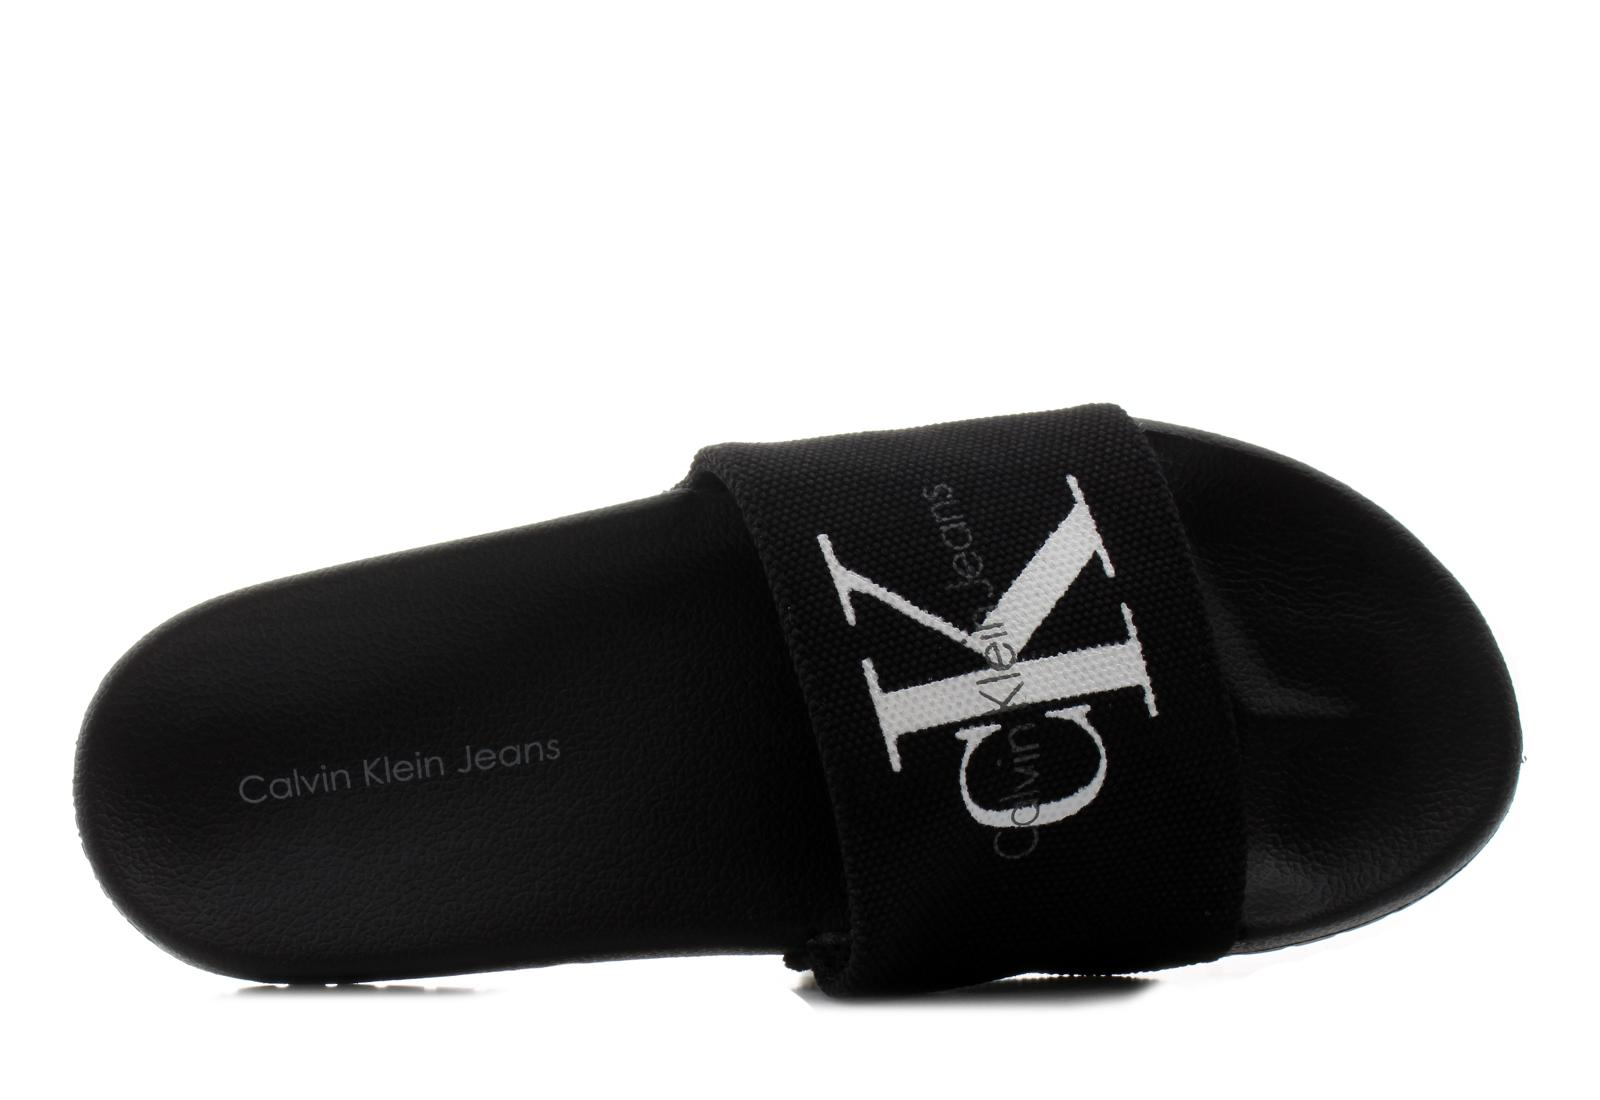 Calvin Klein Jeans Papucs - Viggo - SE8535-BLK - Office Shoes ... b01182d576